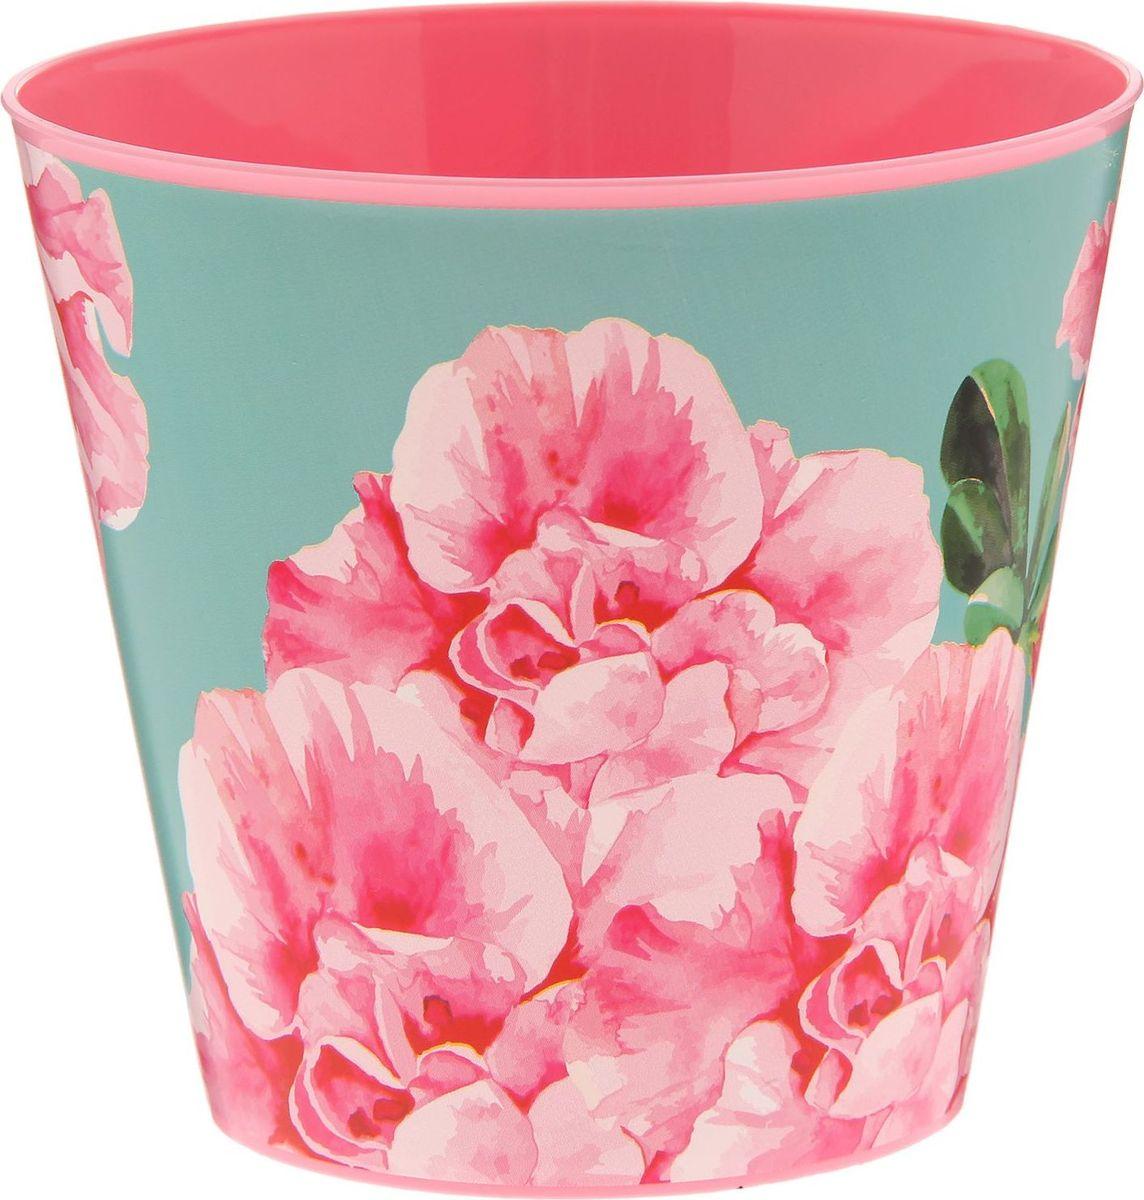 Кашпо Доляна Акварельные цветы, 0,8 лNLED-454-9W-WСложно представить дом, в котором нет растений. Они радуют владельца, очищают воздух, насыщают его кислородом и украшают интерьер. Каждому зелёному помощнику необходим собственный оригинальный домик, и Кашпо 800 мл Акварельные цветы прекрасно справится с этой ролью.Лёгкое и прочное изделие позволит вам создать чудесные цветочные композиции, вырастить рассаду или необычные растения.Диаметр основания — 8 см.